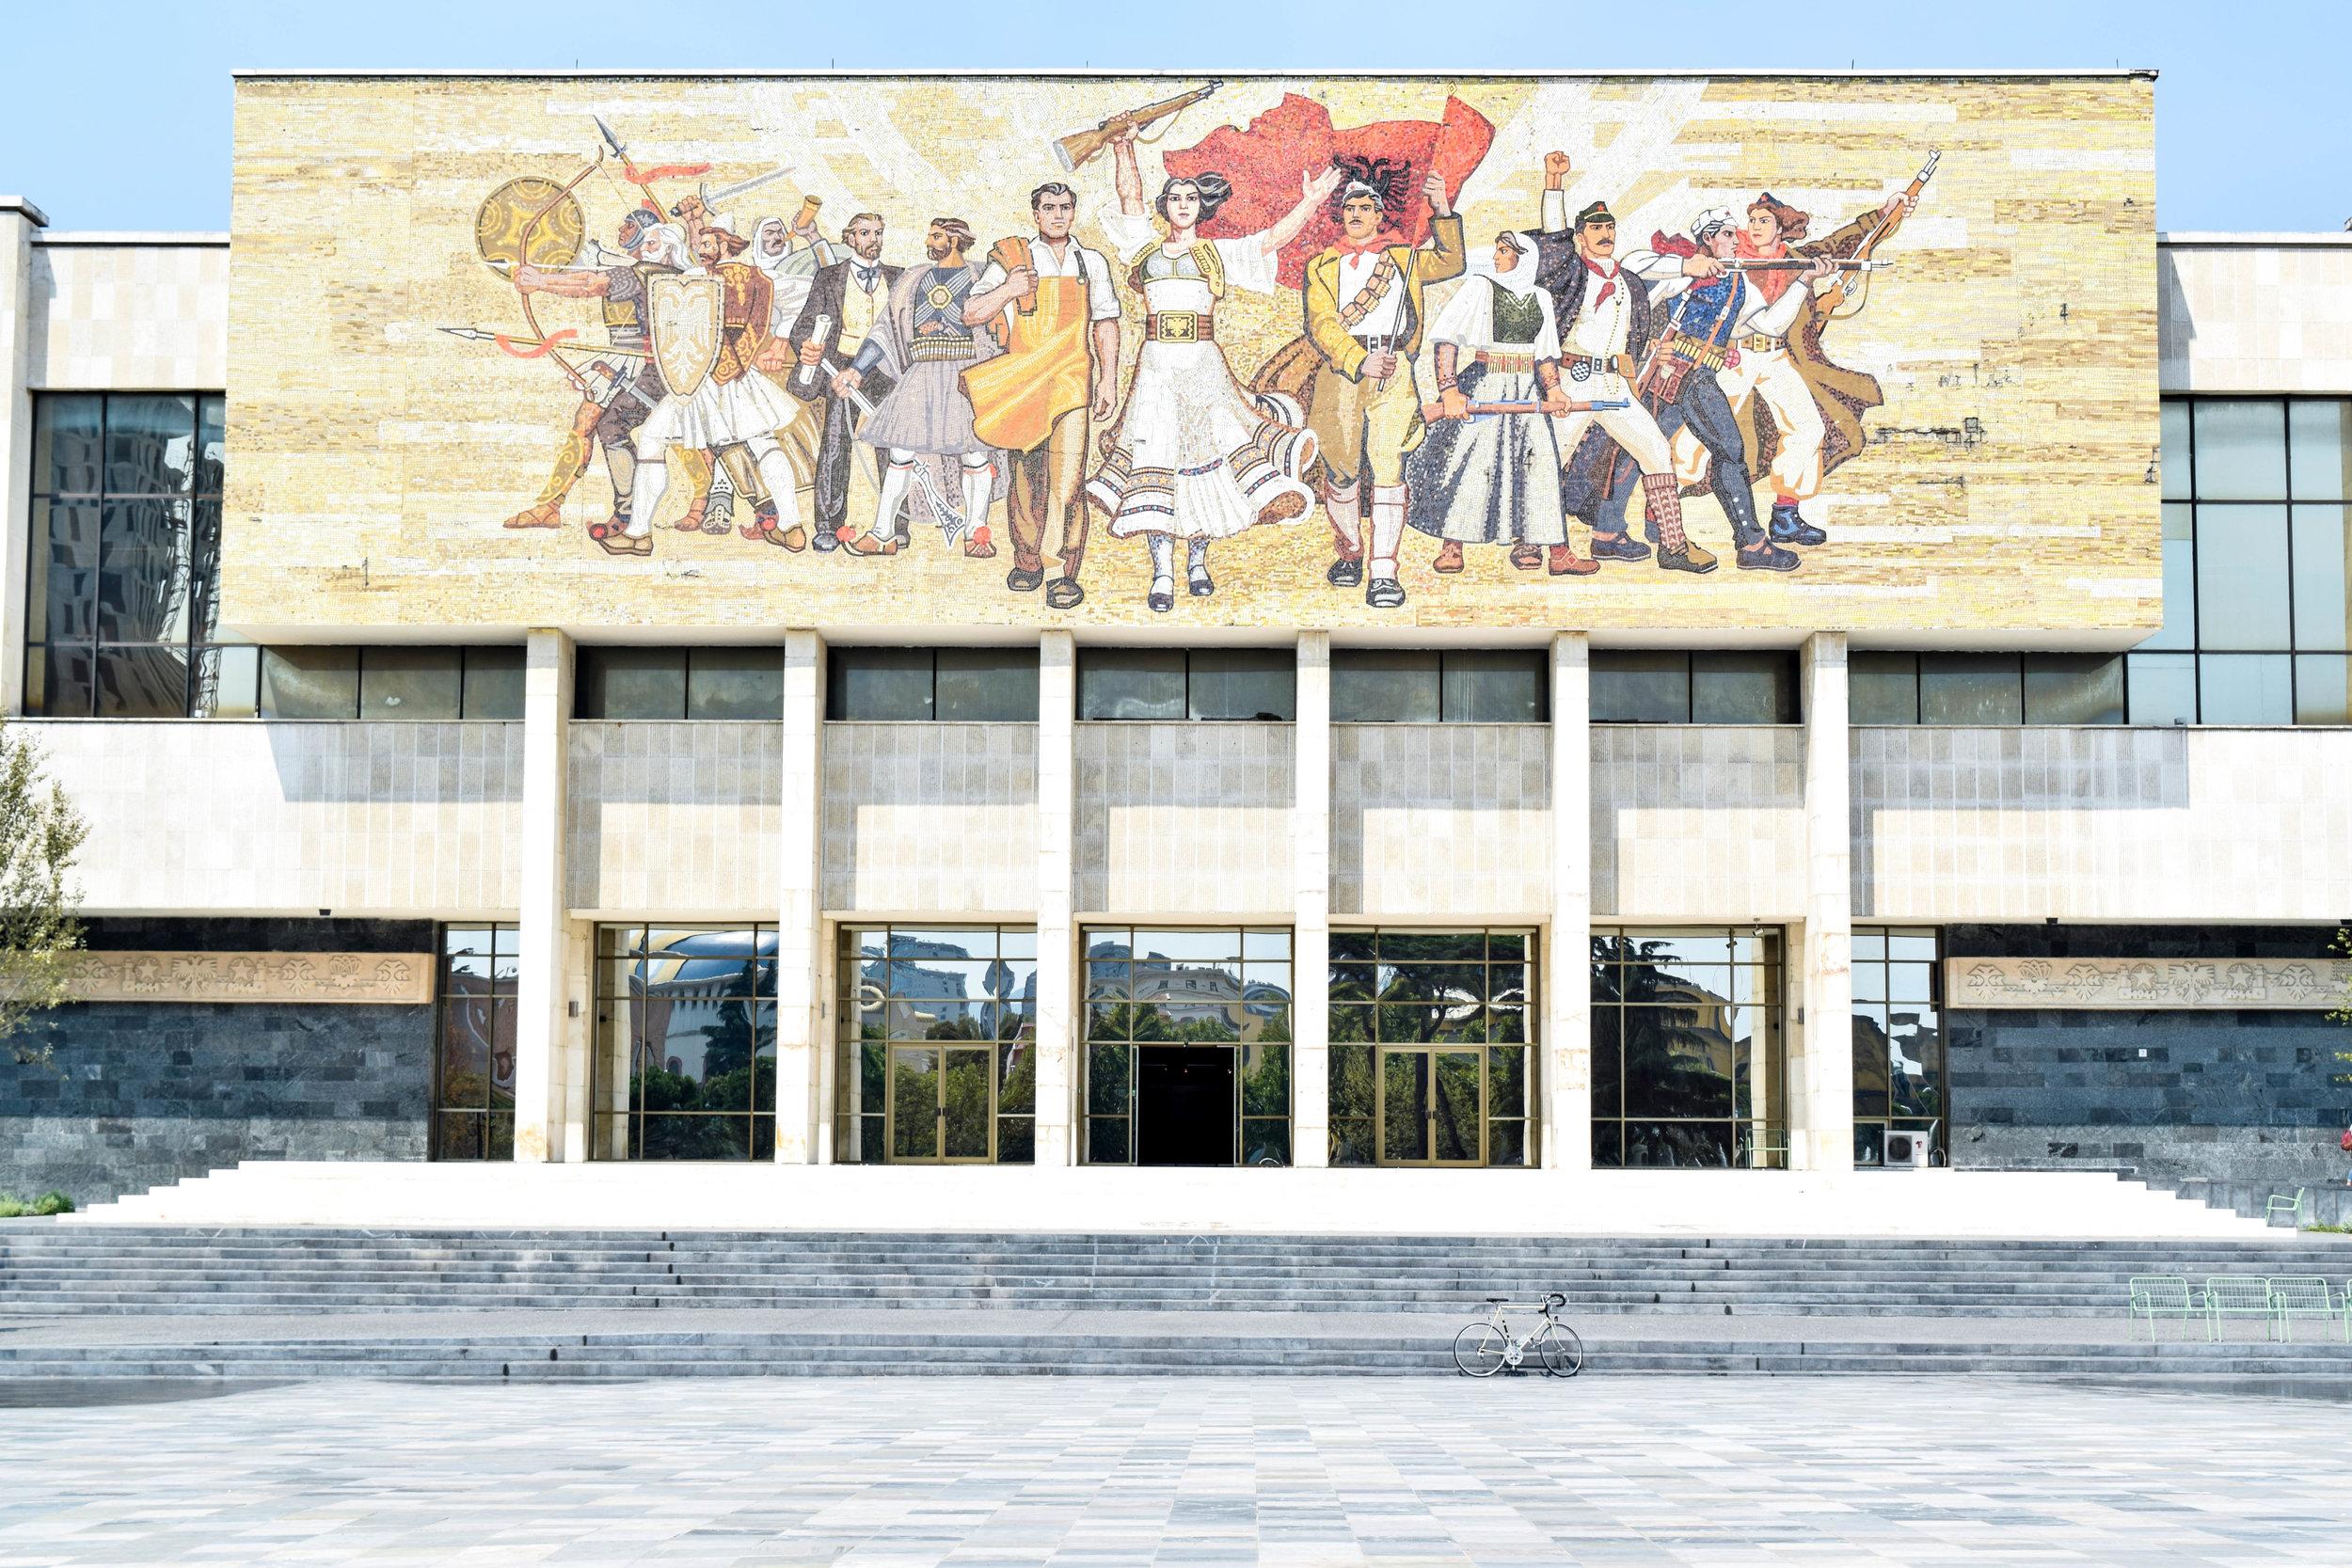 7. Tirana -